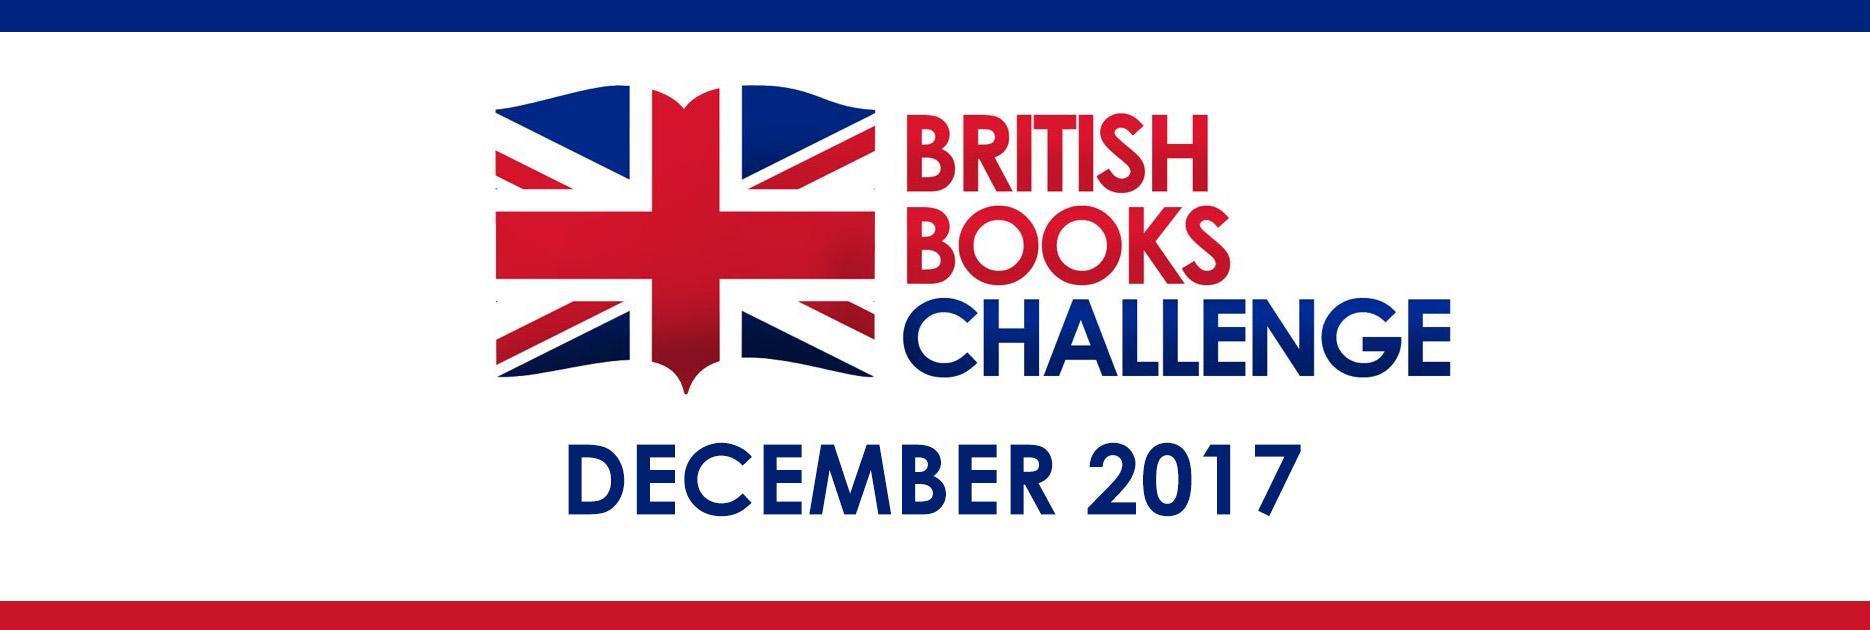 #BritishBooksChallenge17